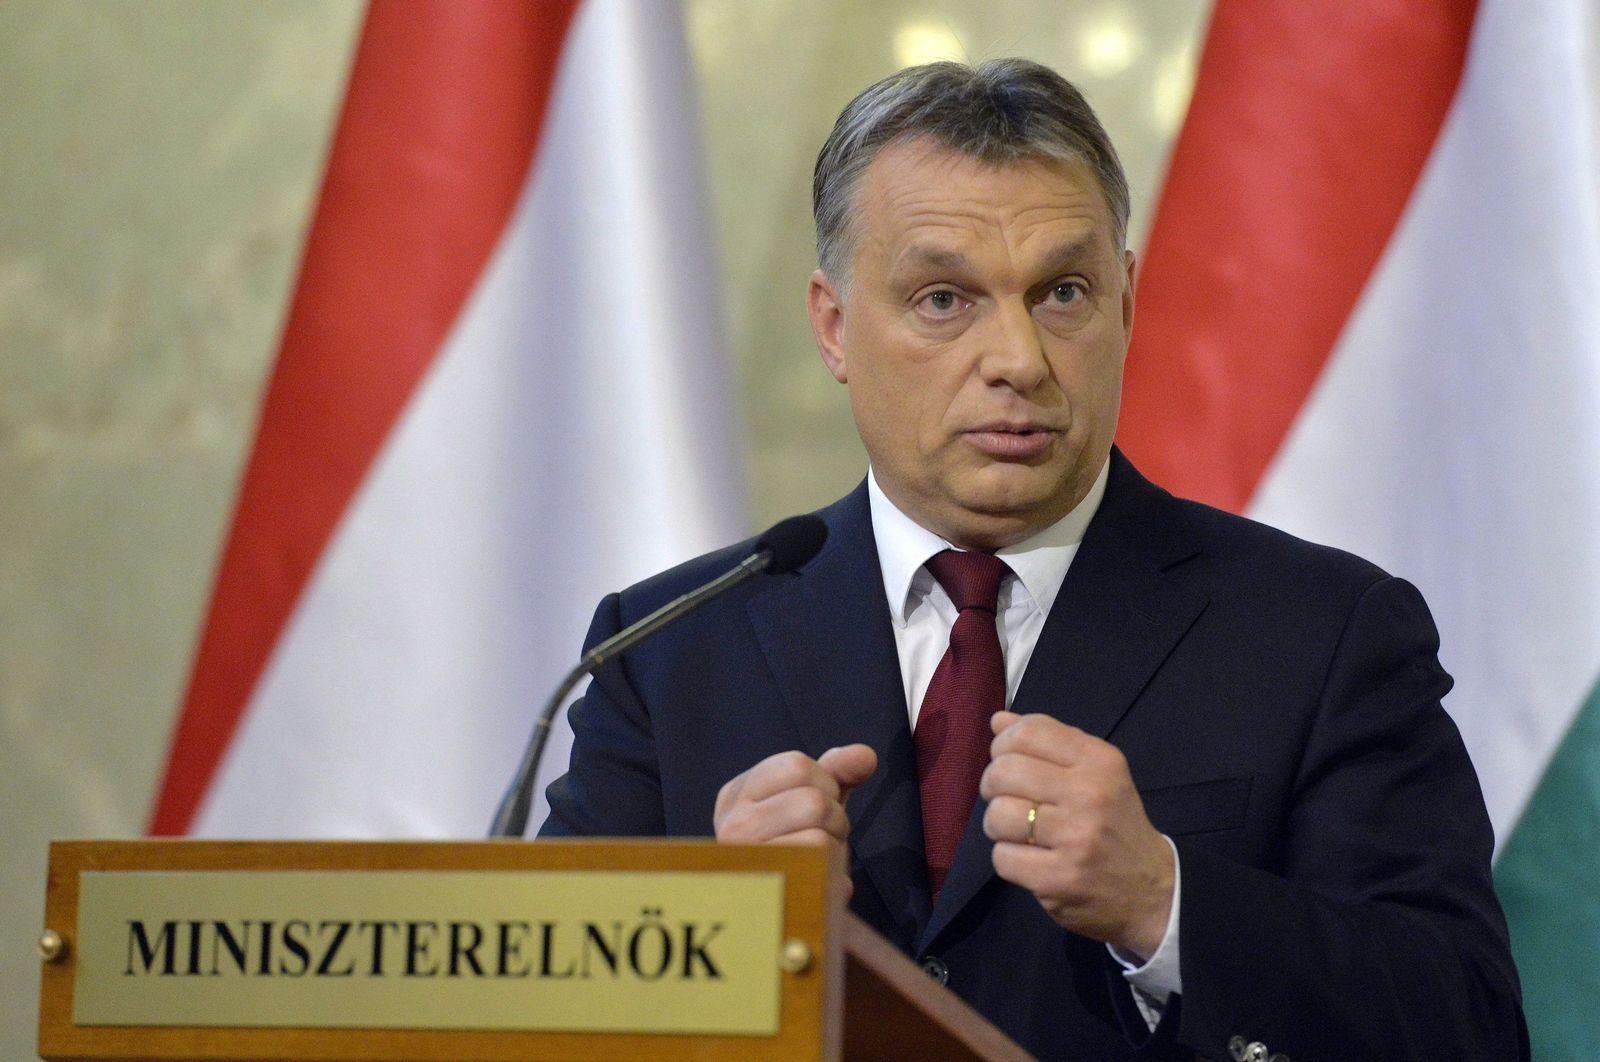 Viktor Orban/Ungarn